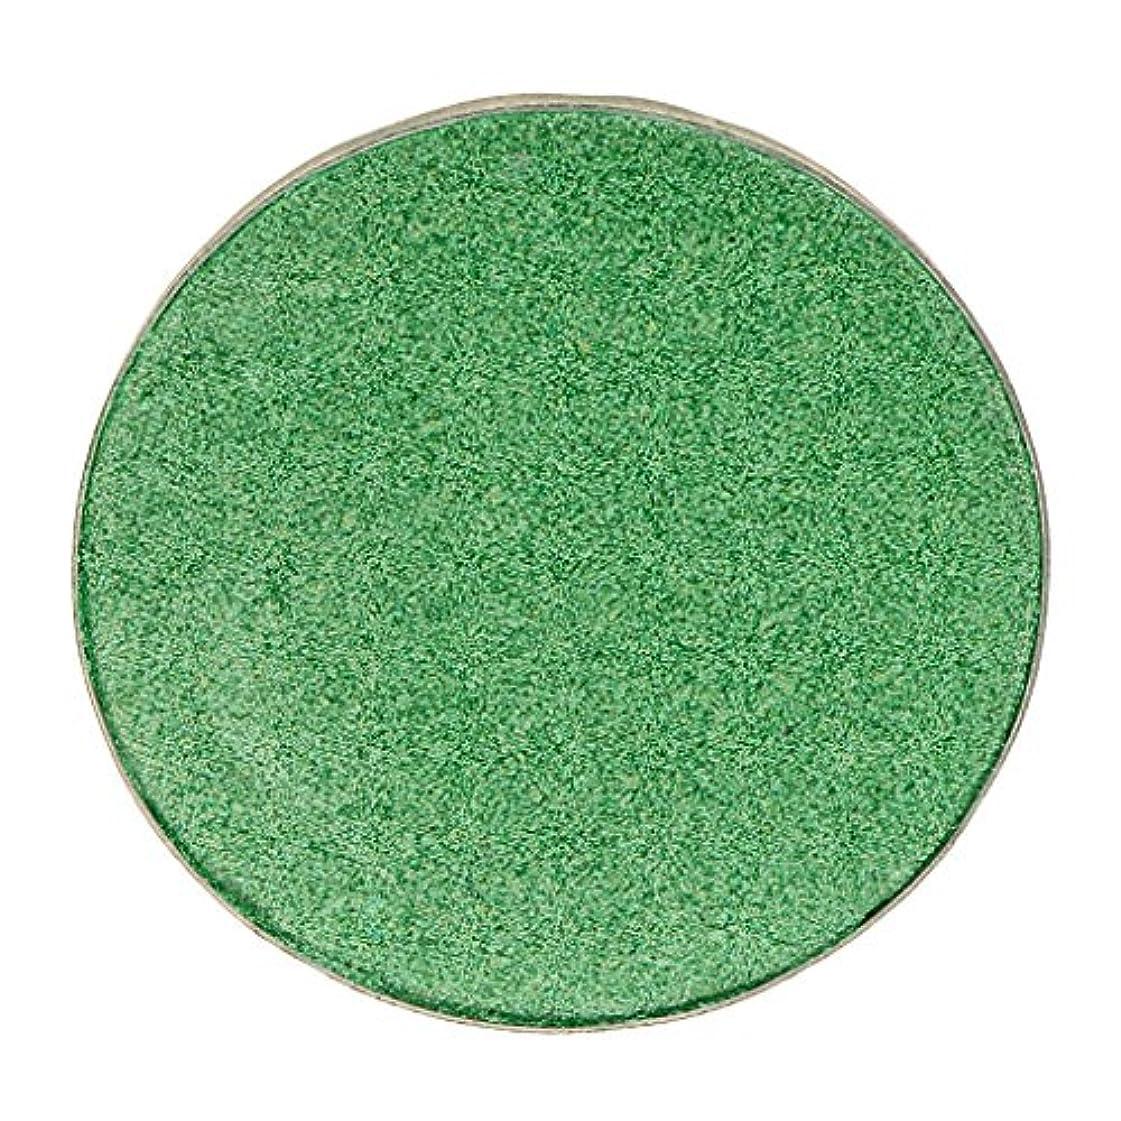 ばか測定学ぶSONONIA 化粧品用 アイシャドウ ハイライター パレット マット シマー アイシャドーメイク 結婚式 パーティー 全5色 - #38グリーン